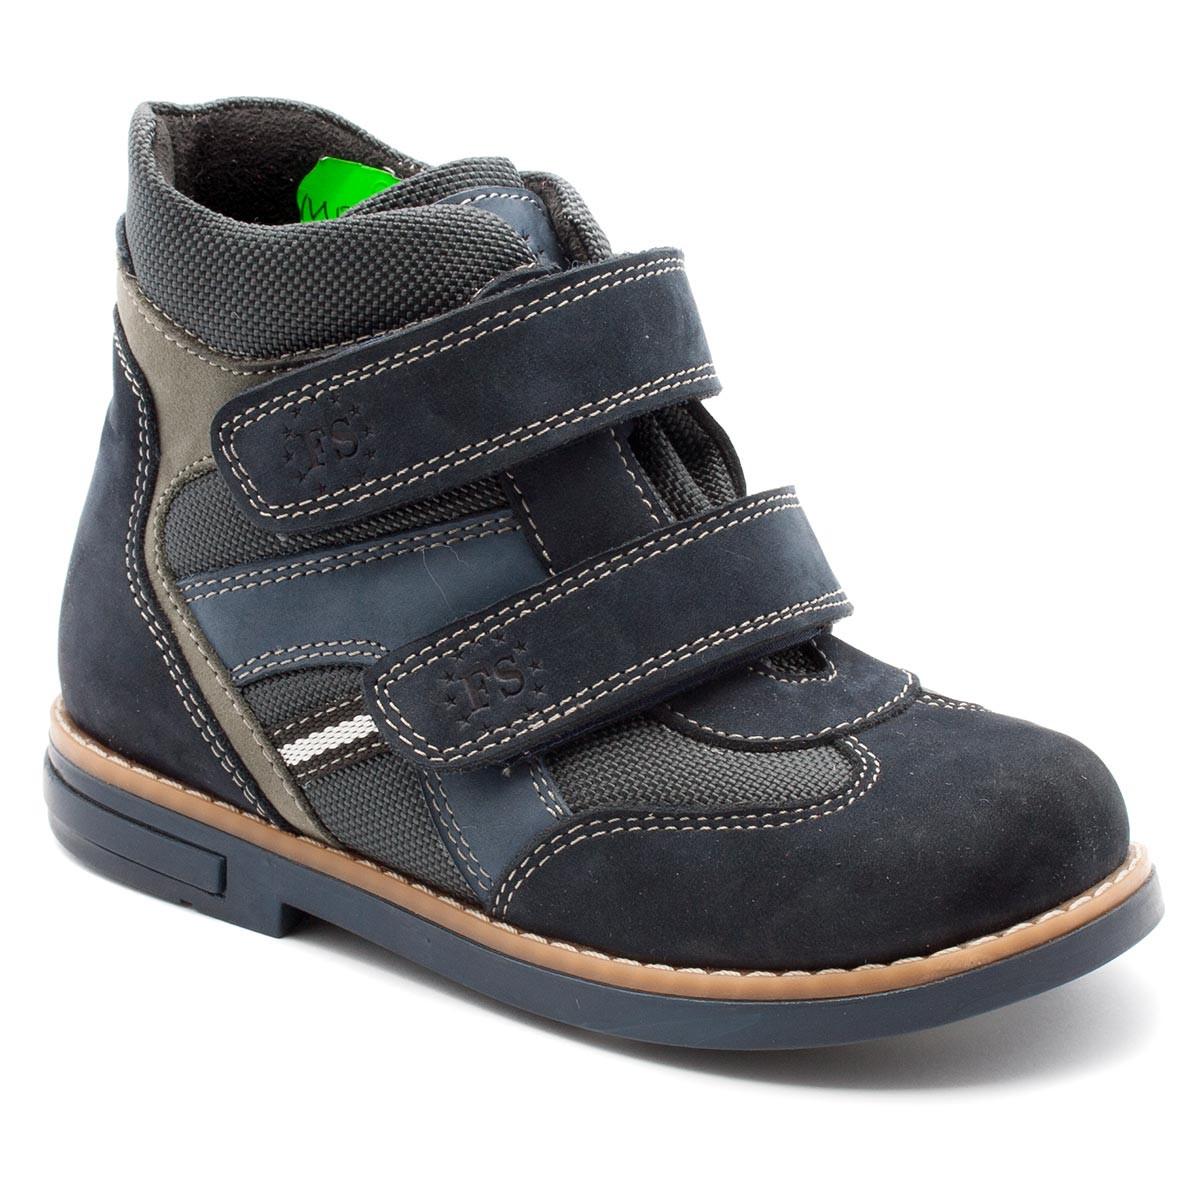 Демисезонные ортопедические ботинки FS Сollection для мальчика, на липучке, размер 20-30, фото 1